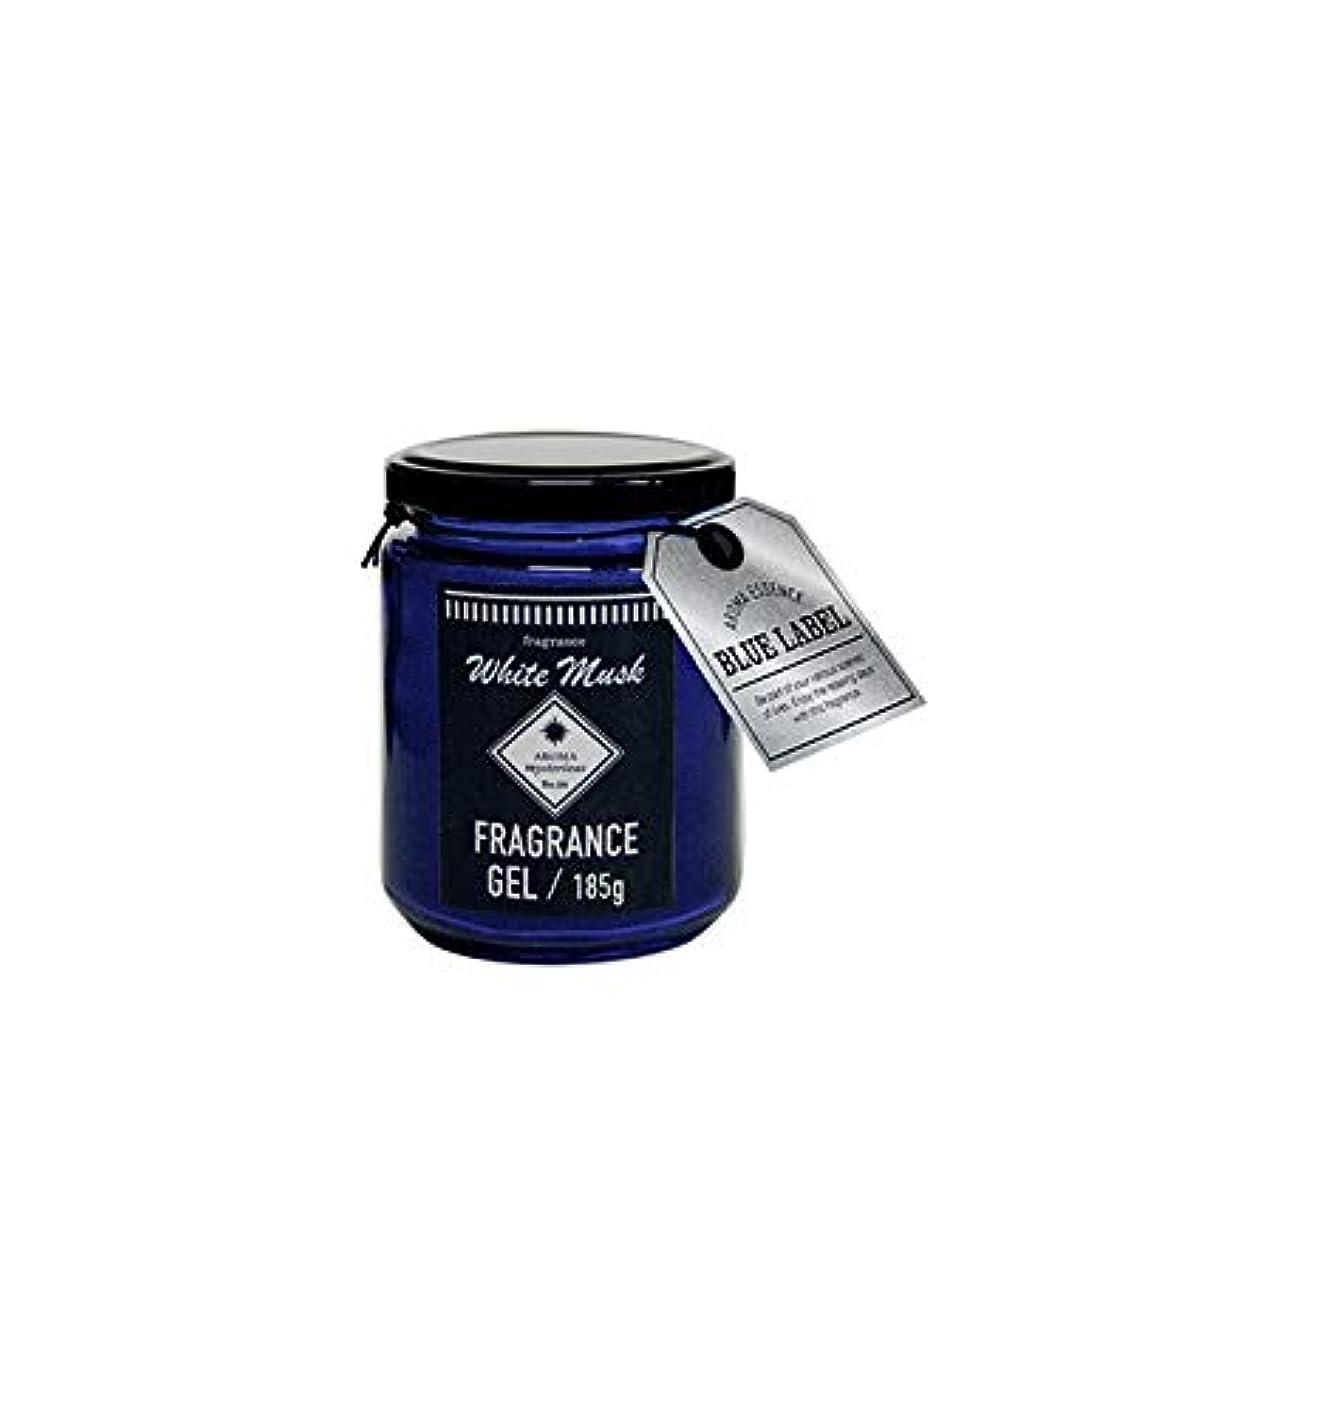 ハロウィン放送裏切るアロマエッセンスブルーラベル フレグランスジェル185g ホワイトムスク(消臭除菌 日本製 誰もが好む香り)